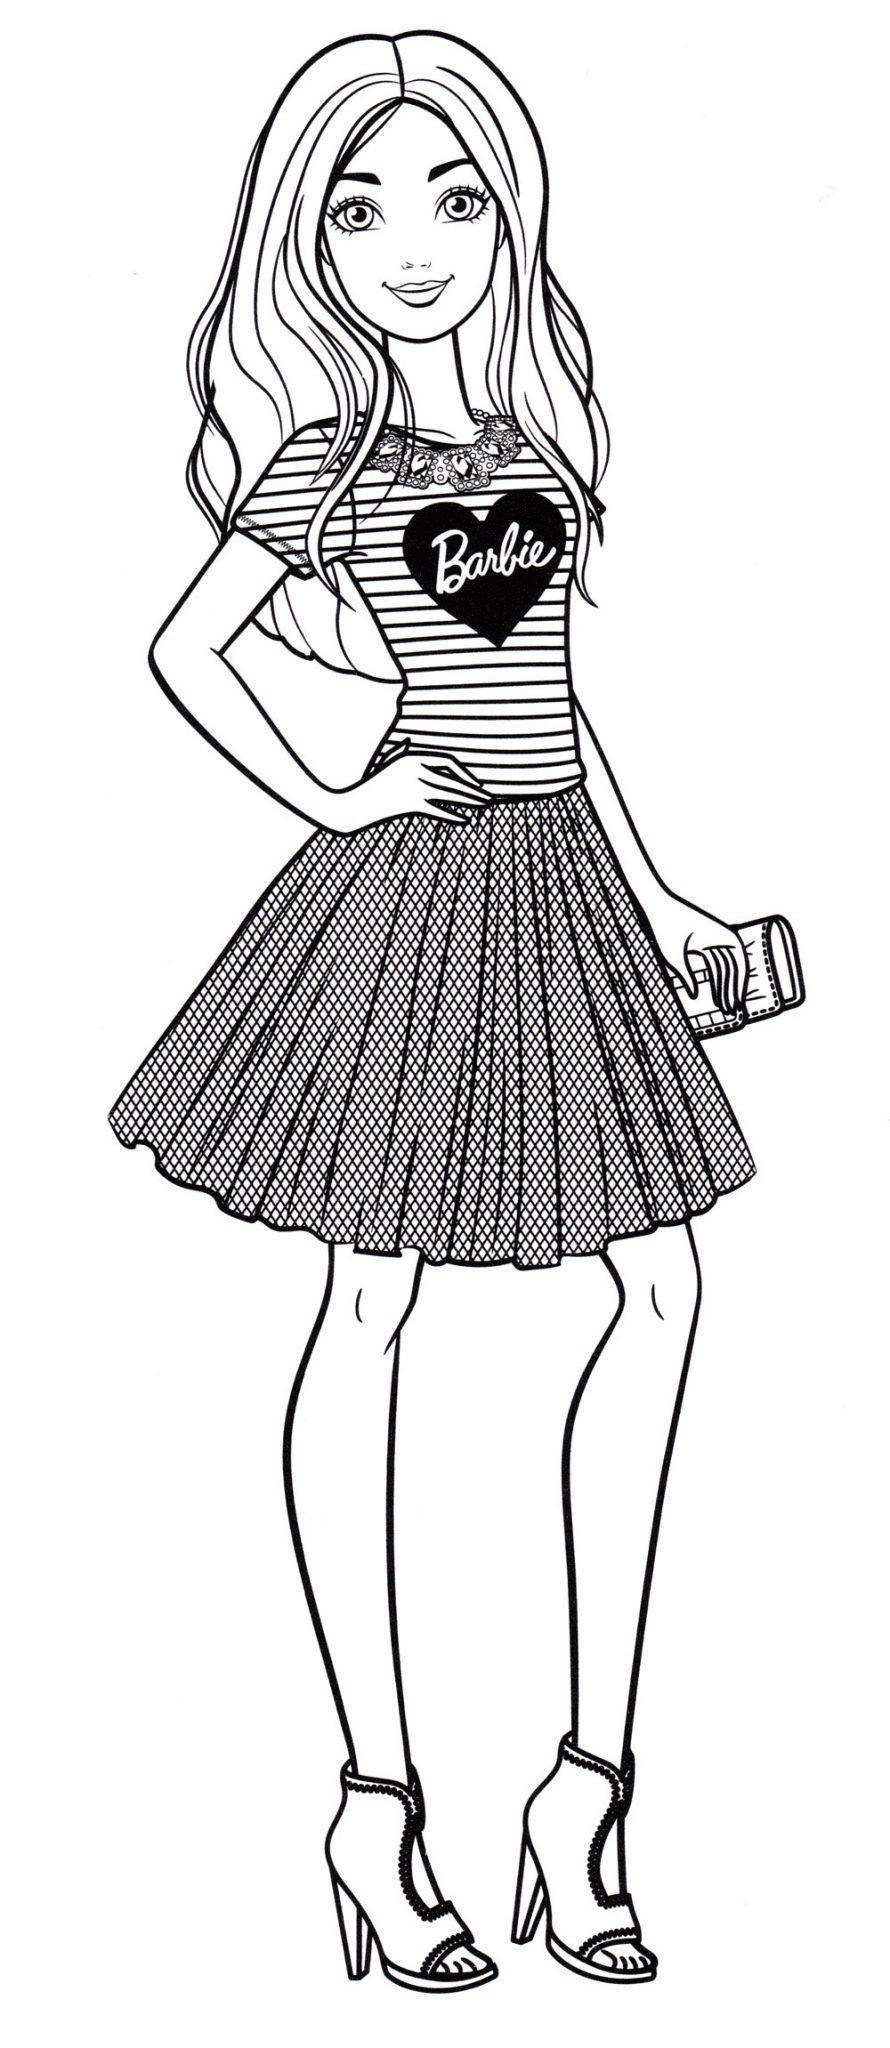 Раскраска Барби распечатать бесплатно, формат а4